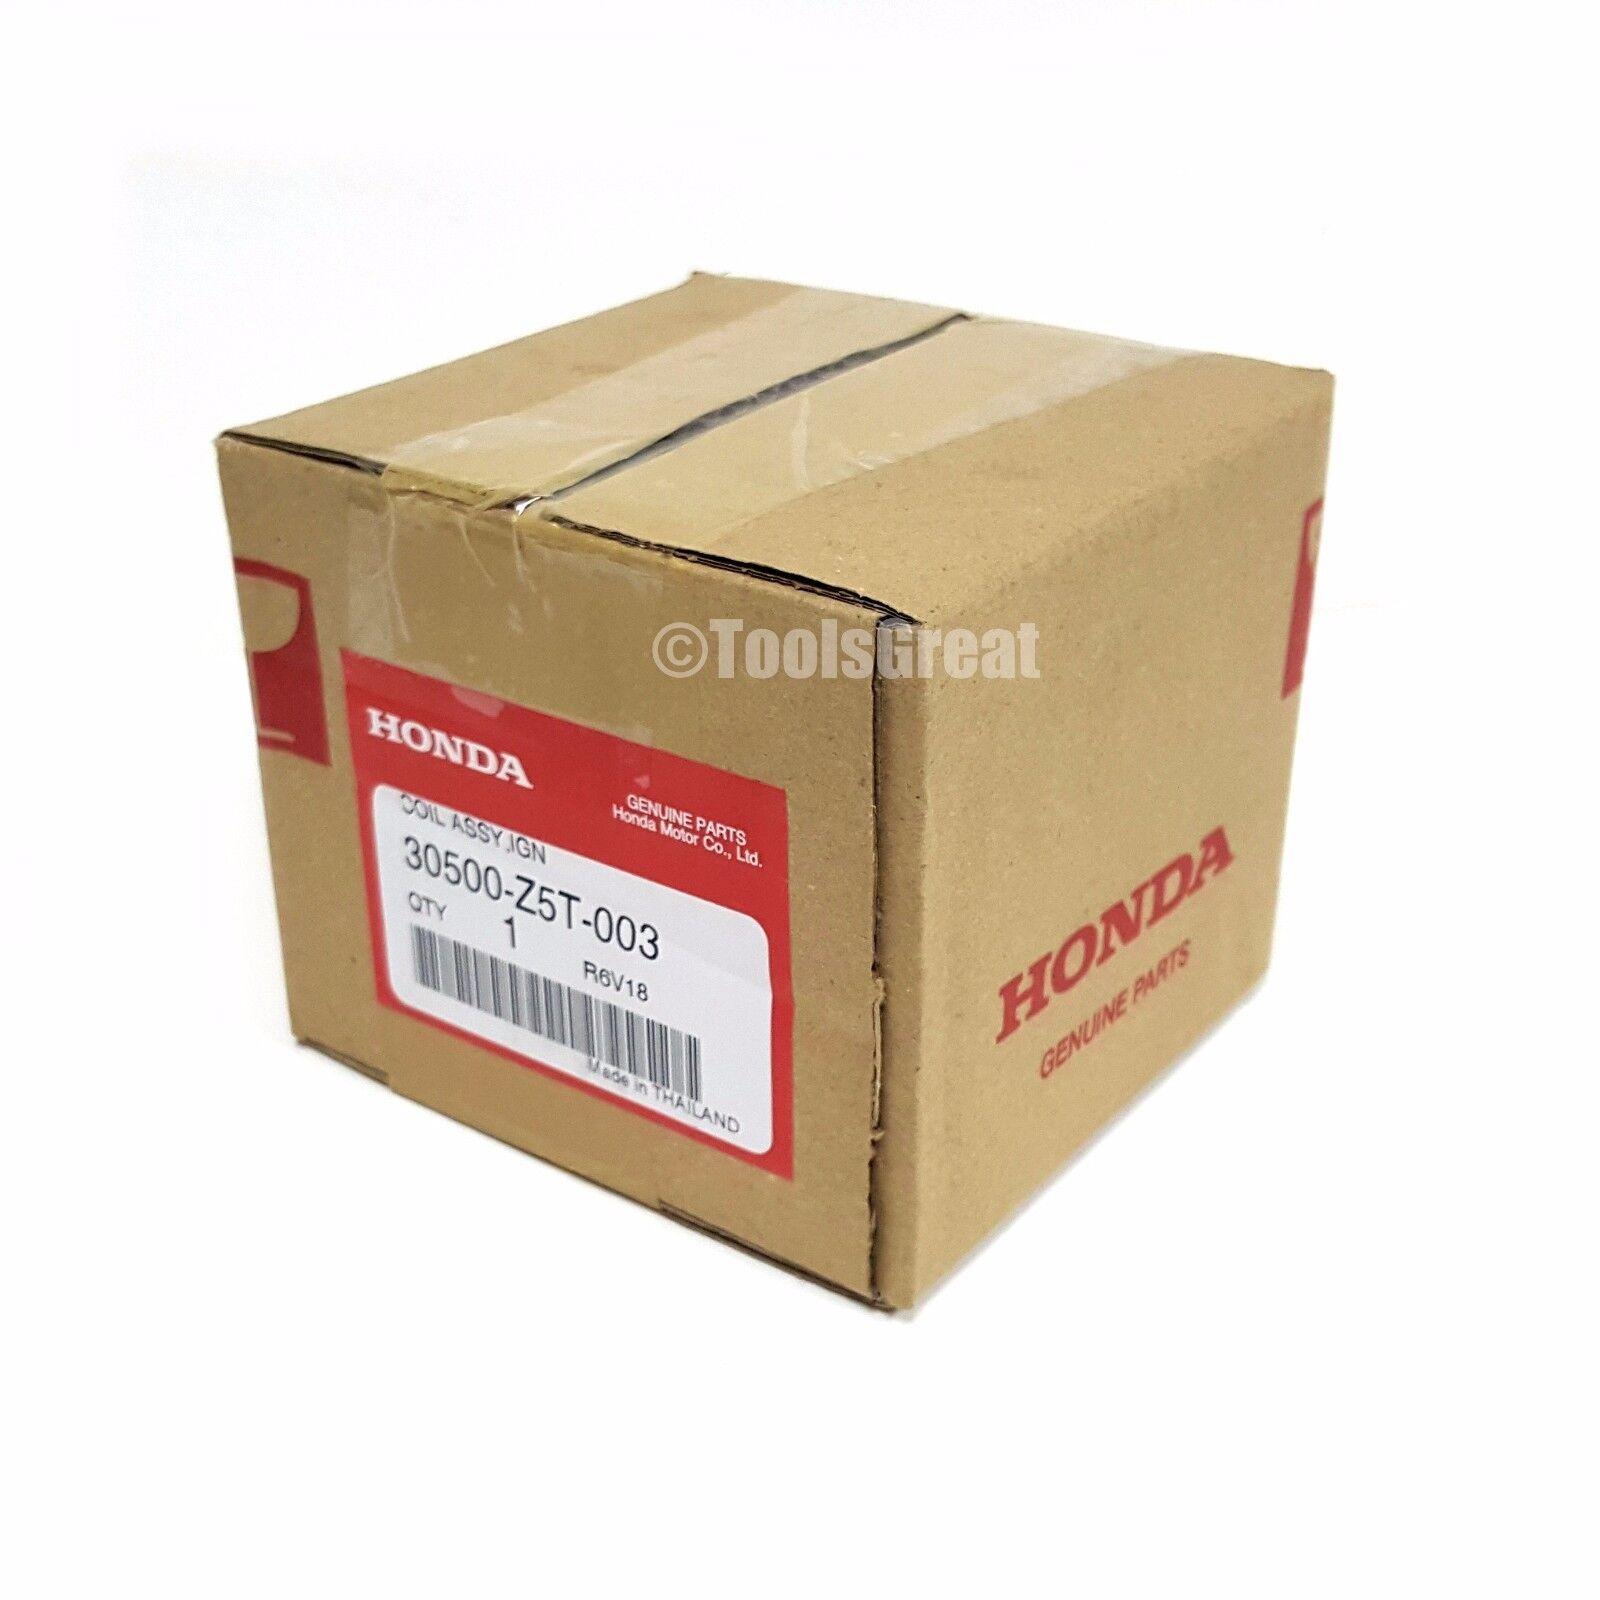 Genuine Honda Motor GX340 GX390 ensamblaje de la bobina de encendido 30500-Z5T-003